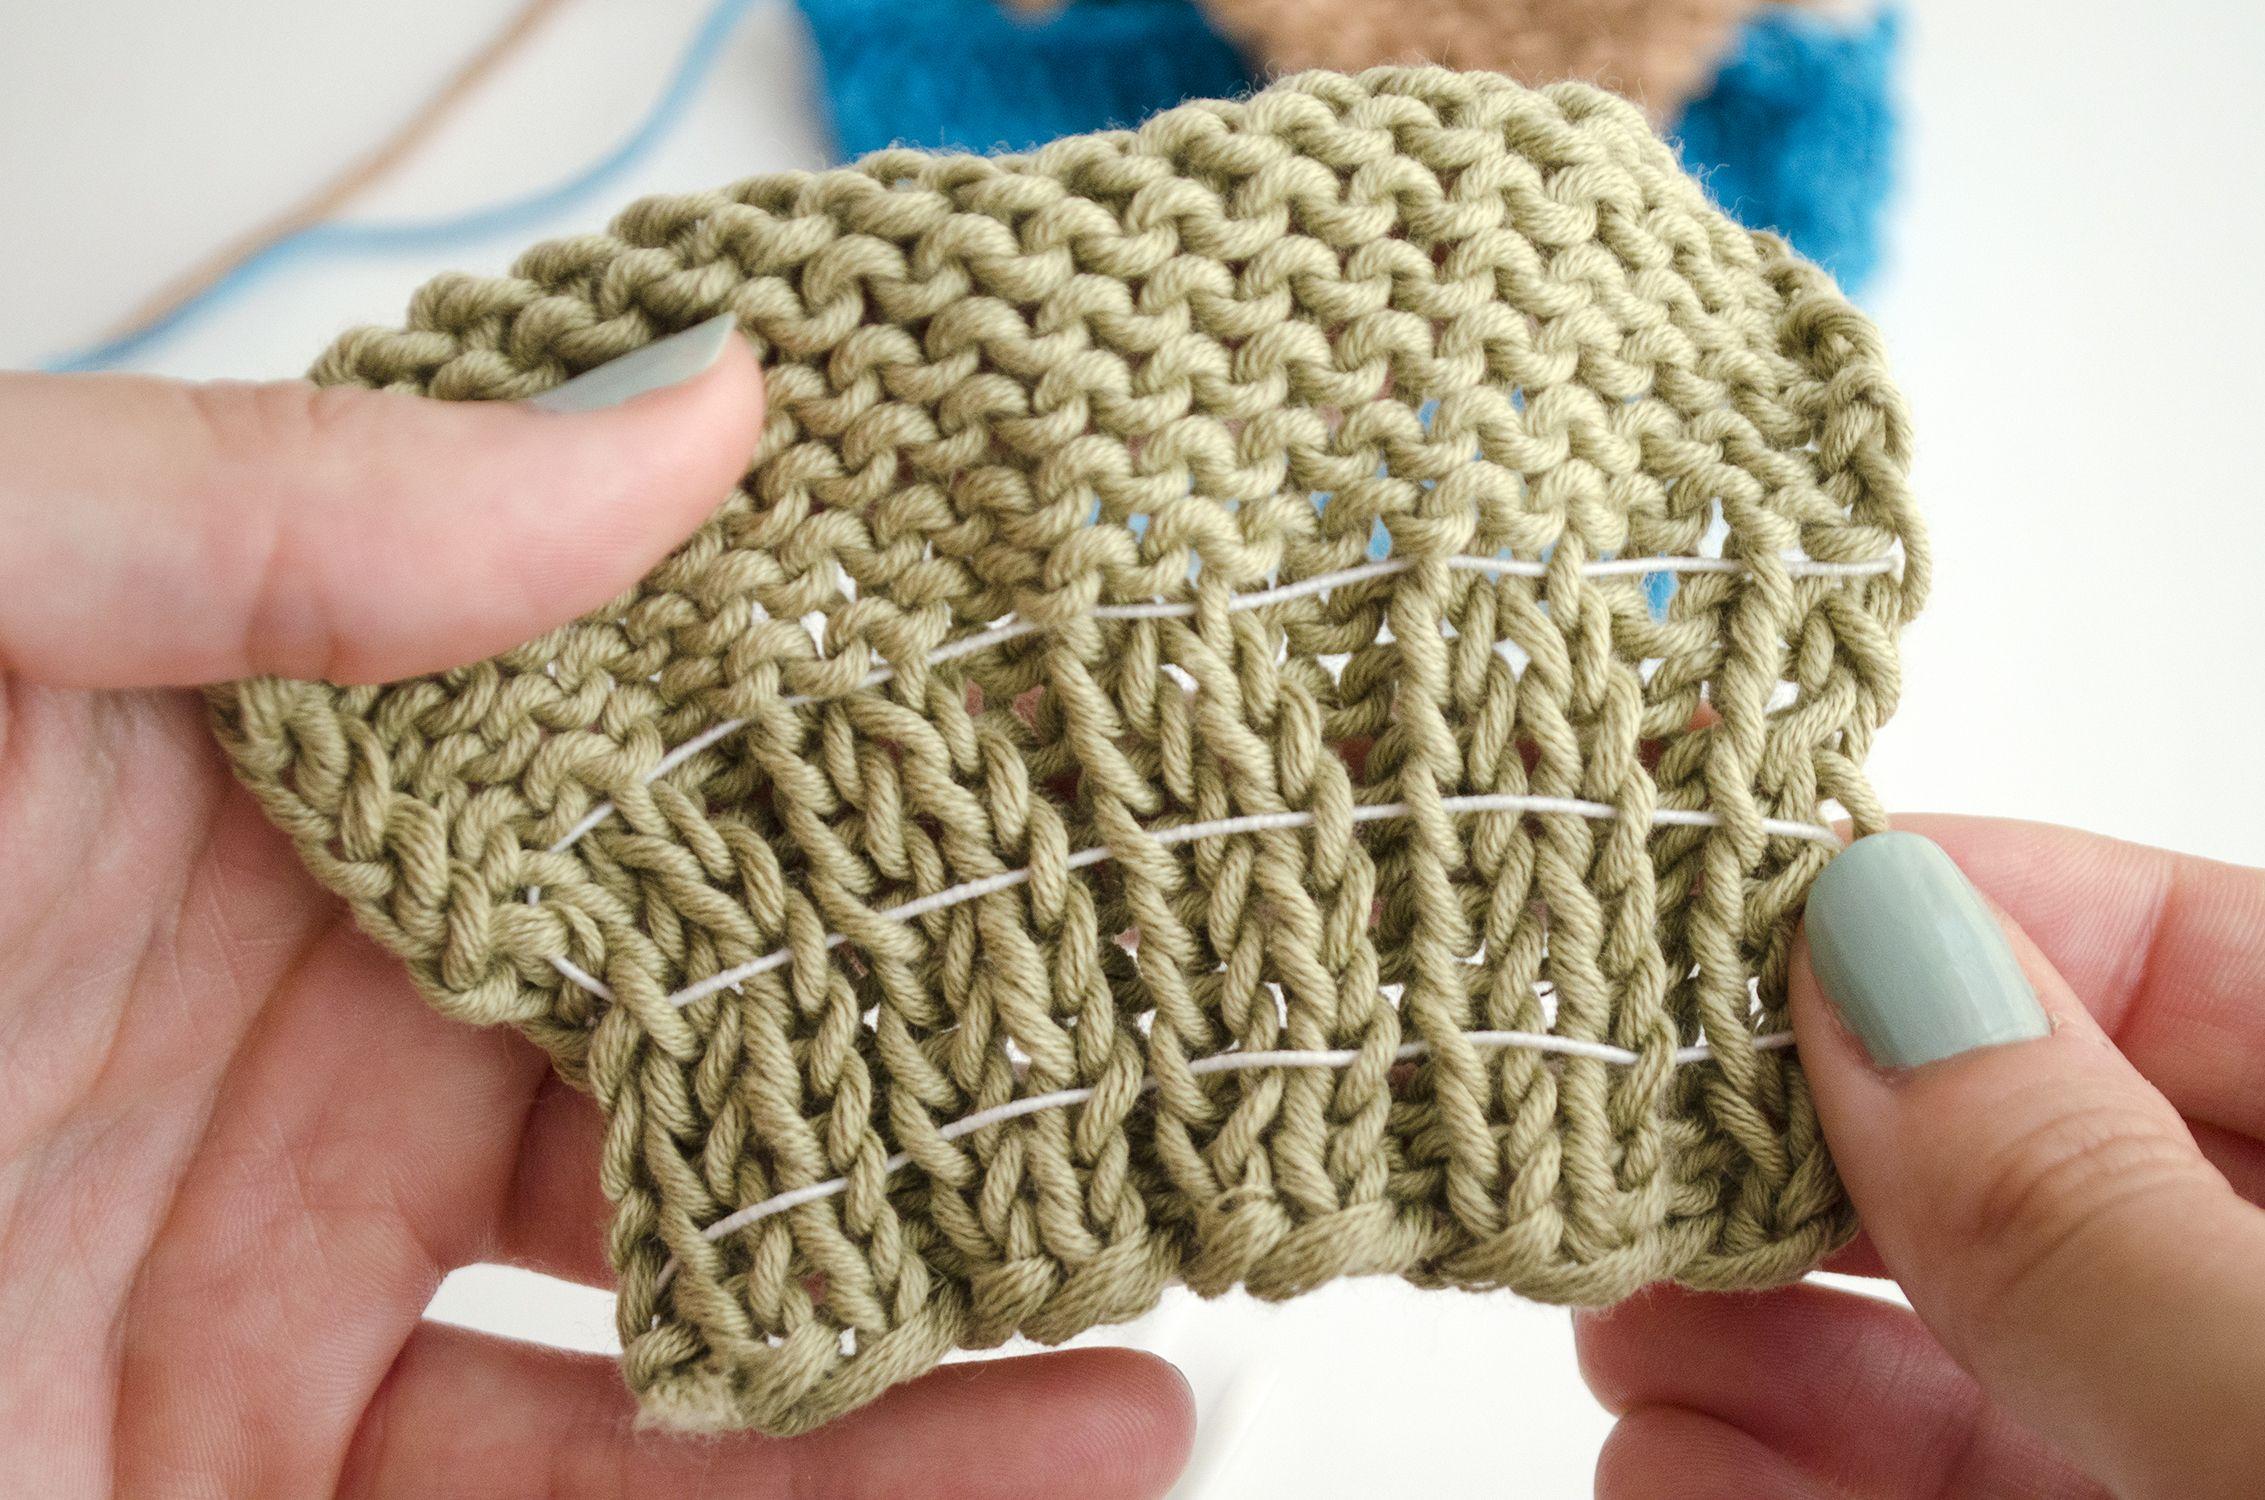 Cómo colocar hilo elástico en tus prendas | Los tipitos, El color y Hilo